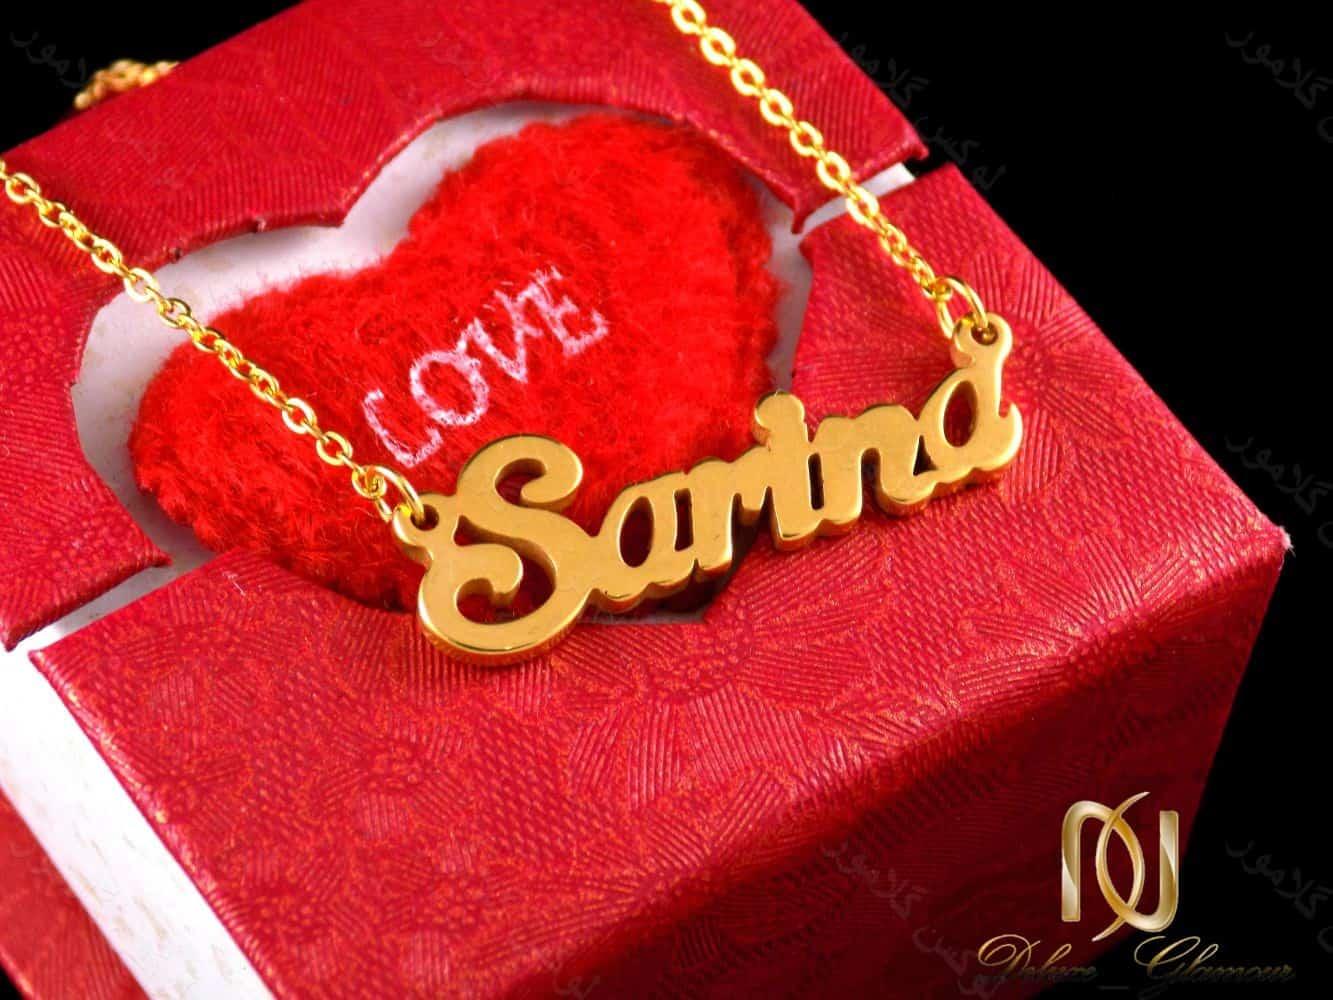 گردنبند اسم سارینا لاتین استیل با روکش آب طلای 18 عیار nw-n212 از نمای بالا